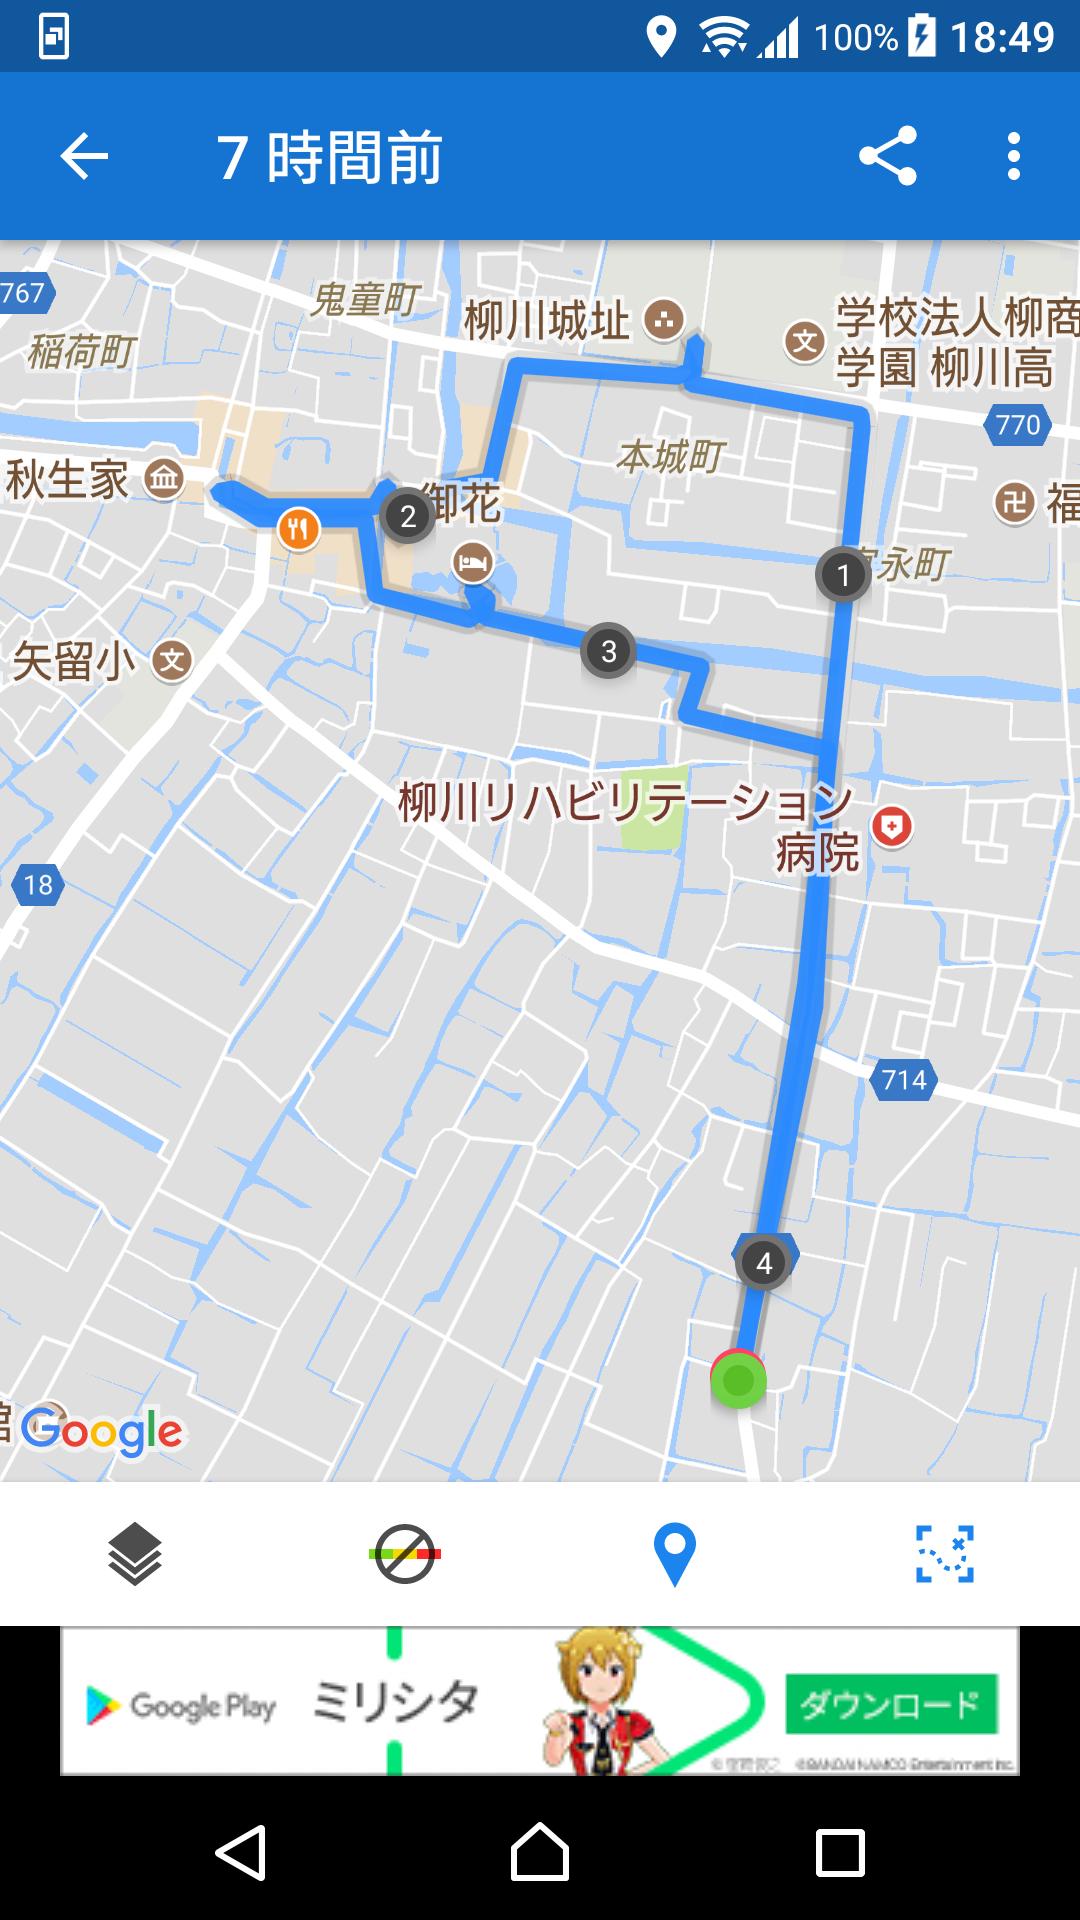 f:id:ynakayama27:20170830183924p:plain